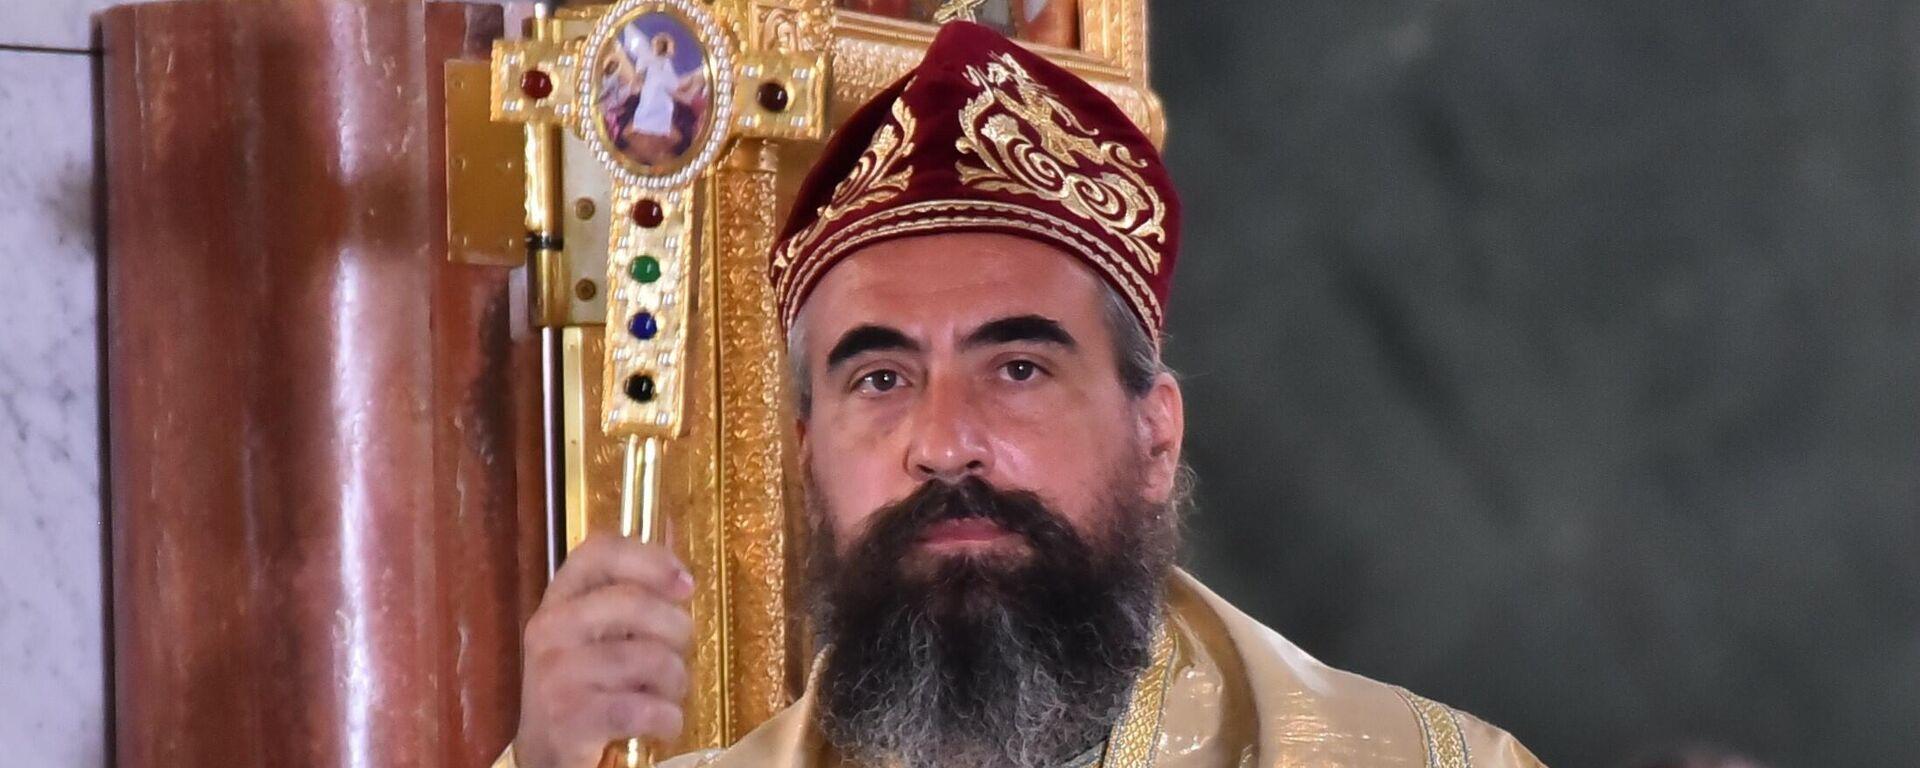 Његово Преосвештенство Епископ изабрани будимљанско-никшићки г. Методије - Sputnik Србија, 1920, 24.09.2021